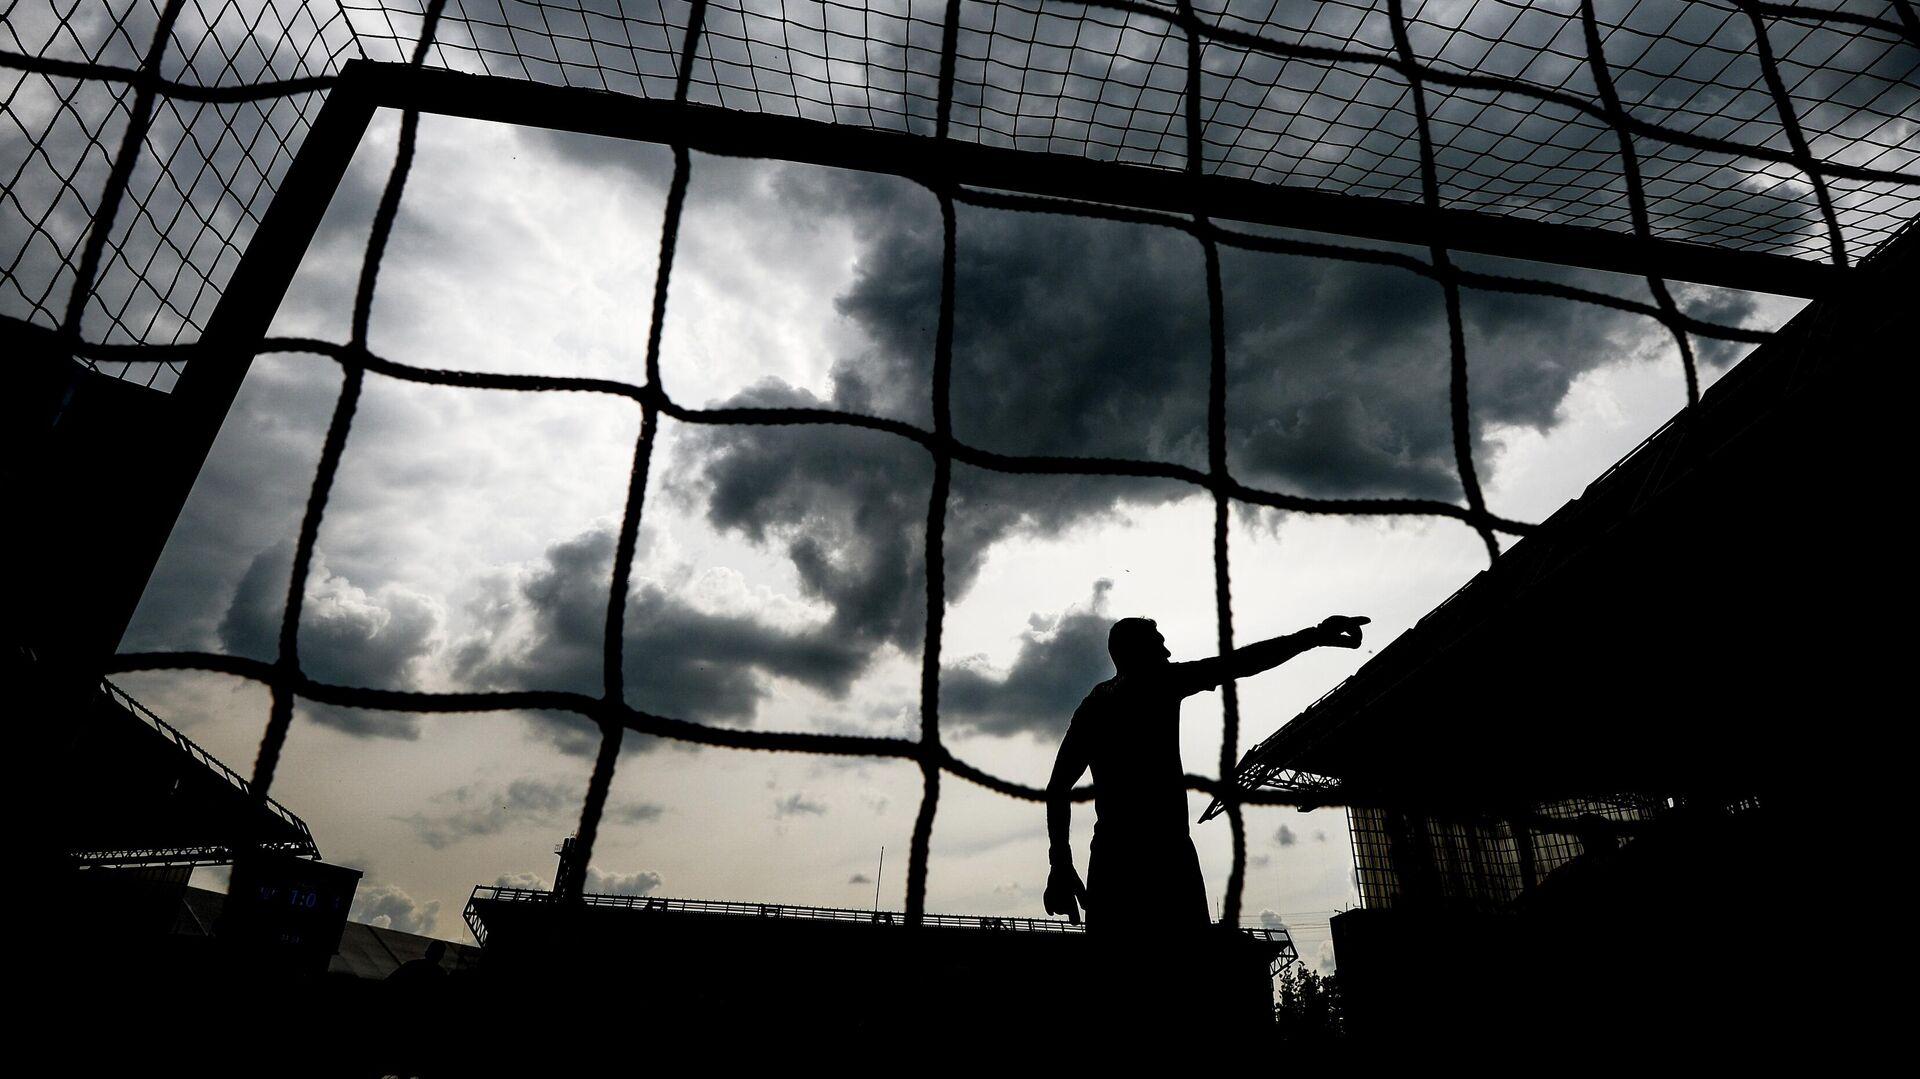 Голкипер во время футбольного матча - РИА Новости, 1920, 03.08.2021